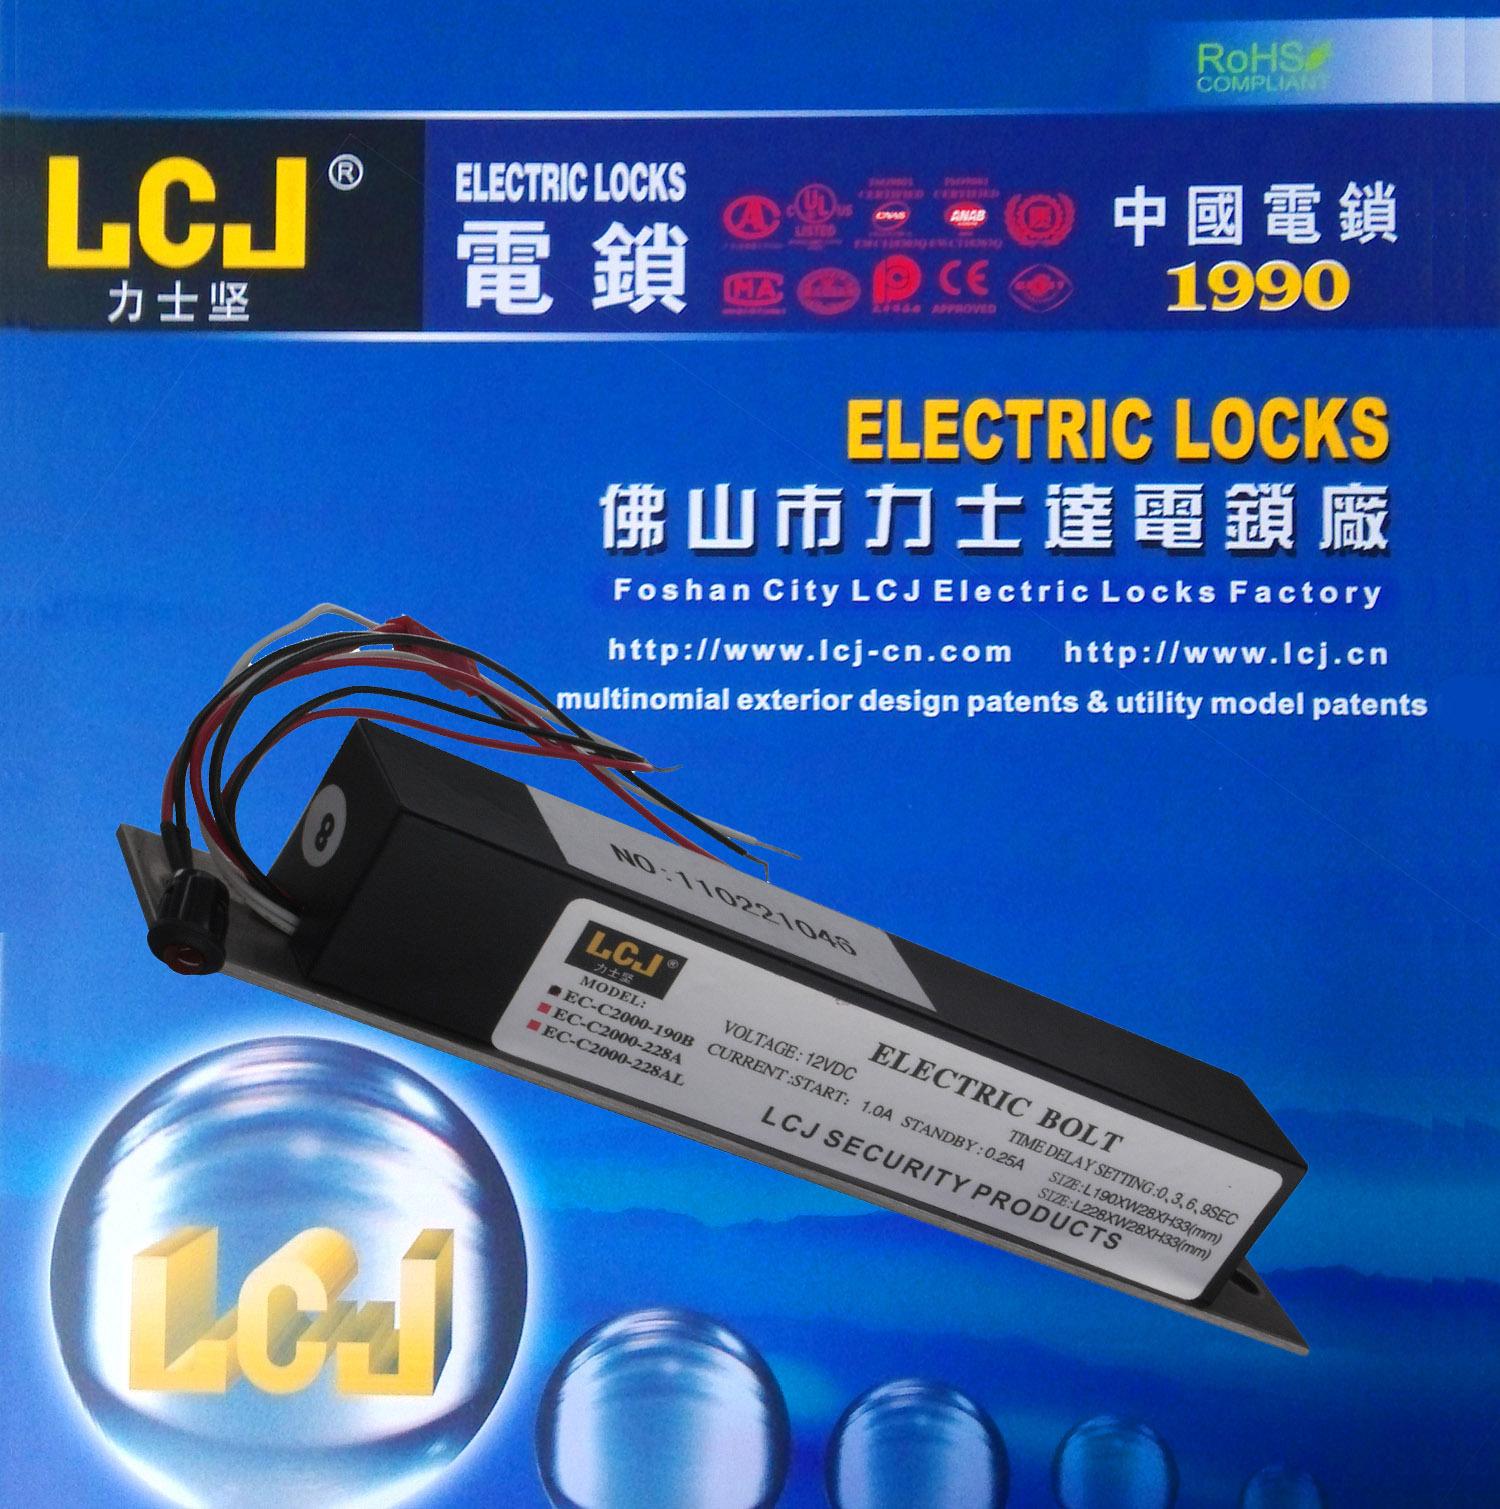 力士坚 LCJ 电插锁/EC-C2000-190B通电上锁 电锁